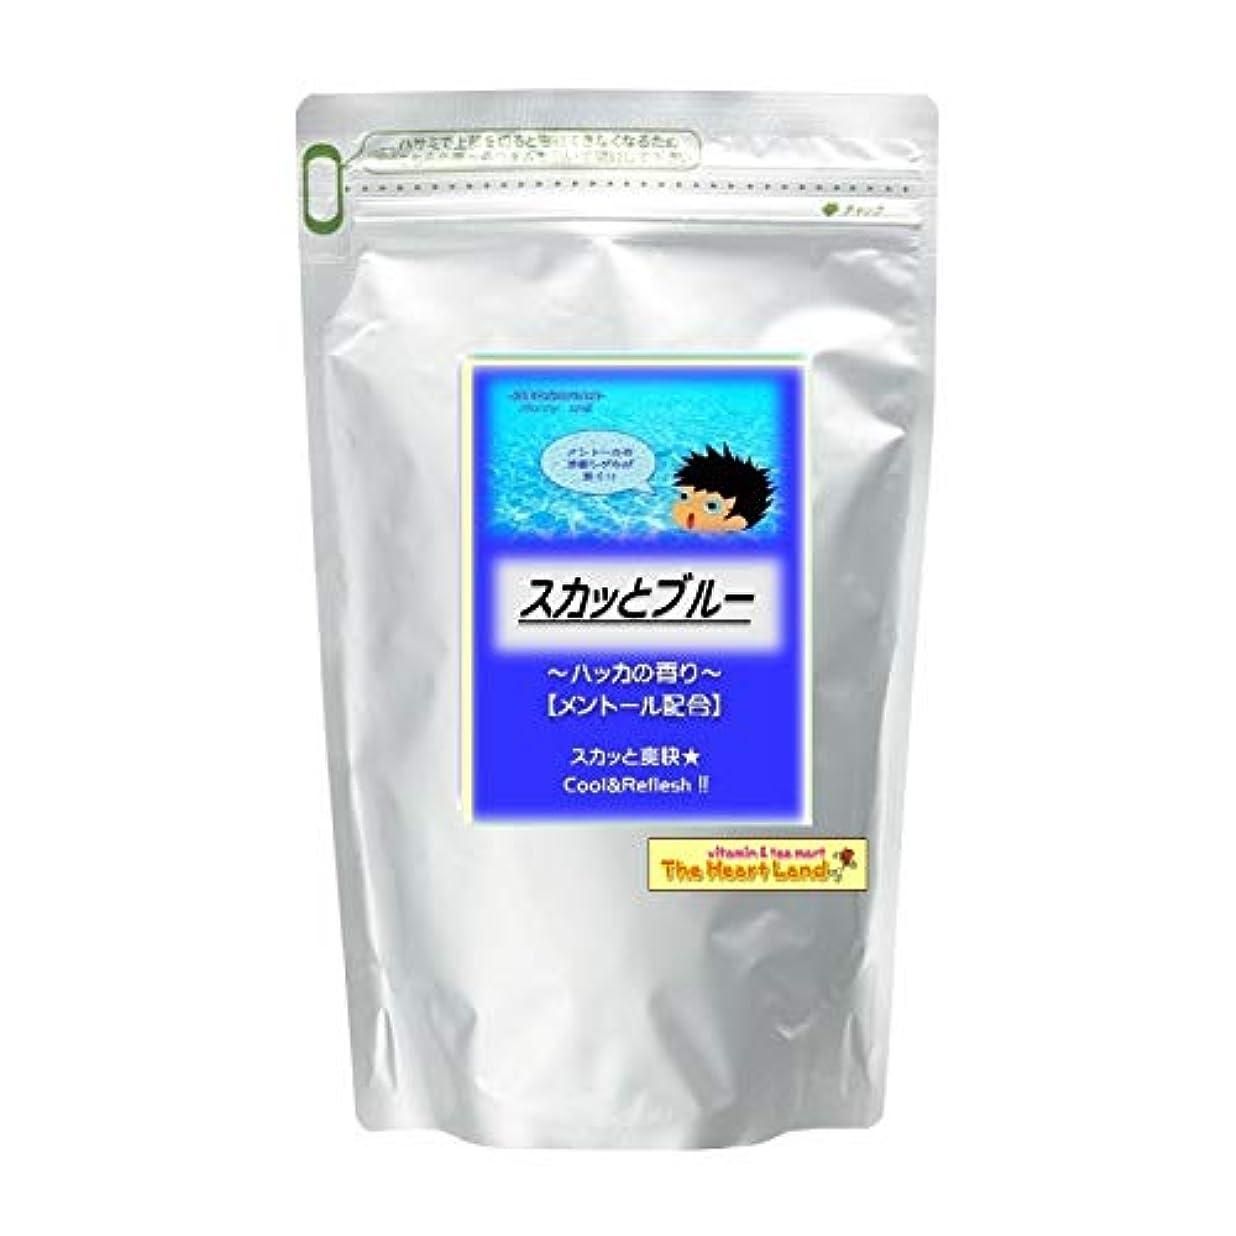 一般化するみすぼらしい連帯アサヒ入浴剤 浴用入浴化粧品 スカッとブルー 2.5kg